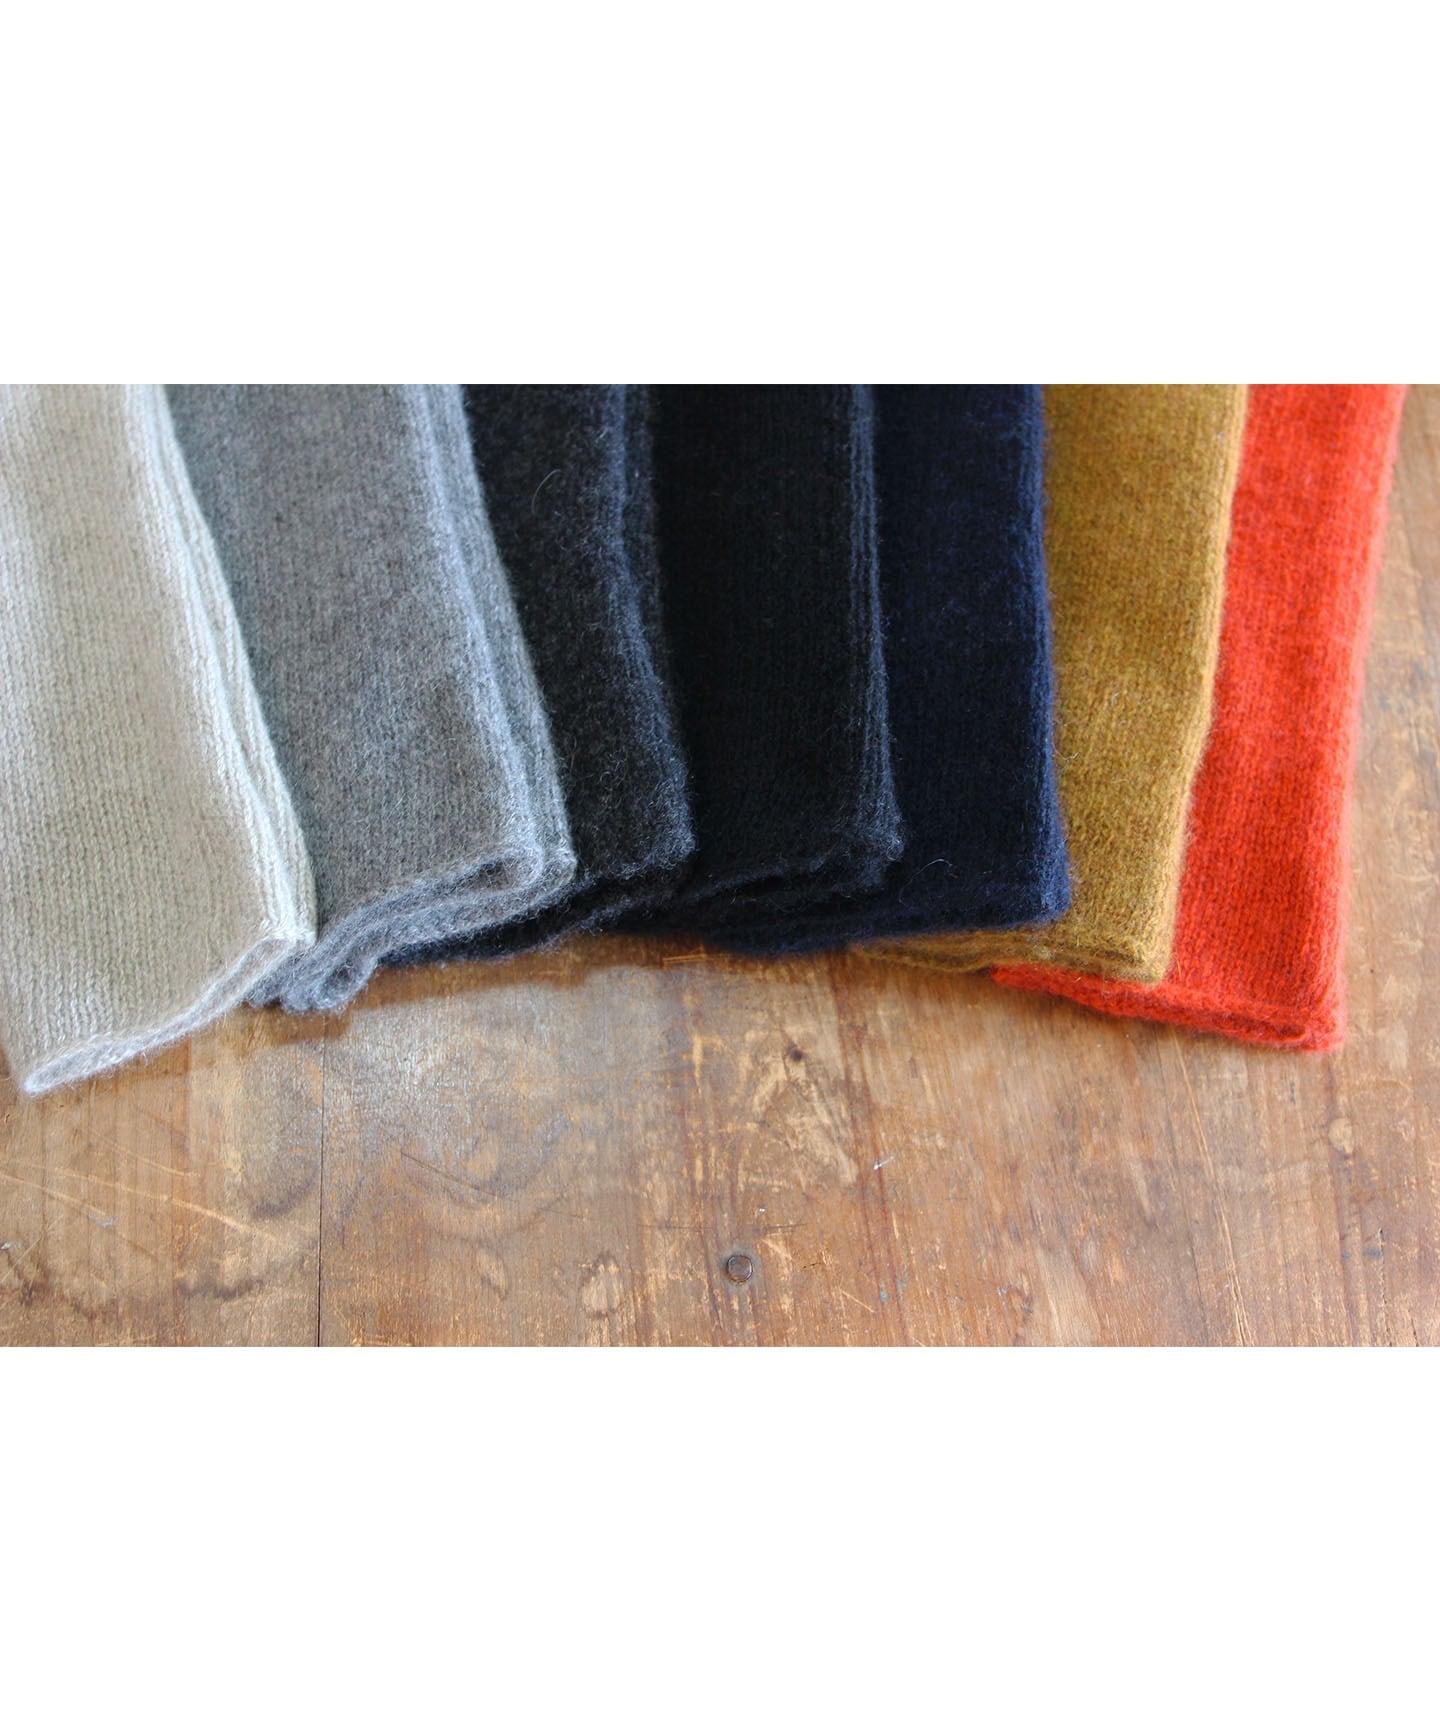 手編み機で編んだカシミヤセーブルアームウォーマー(7色) CAA-010